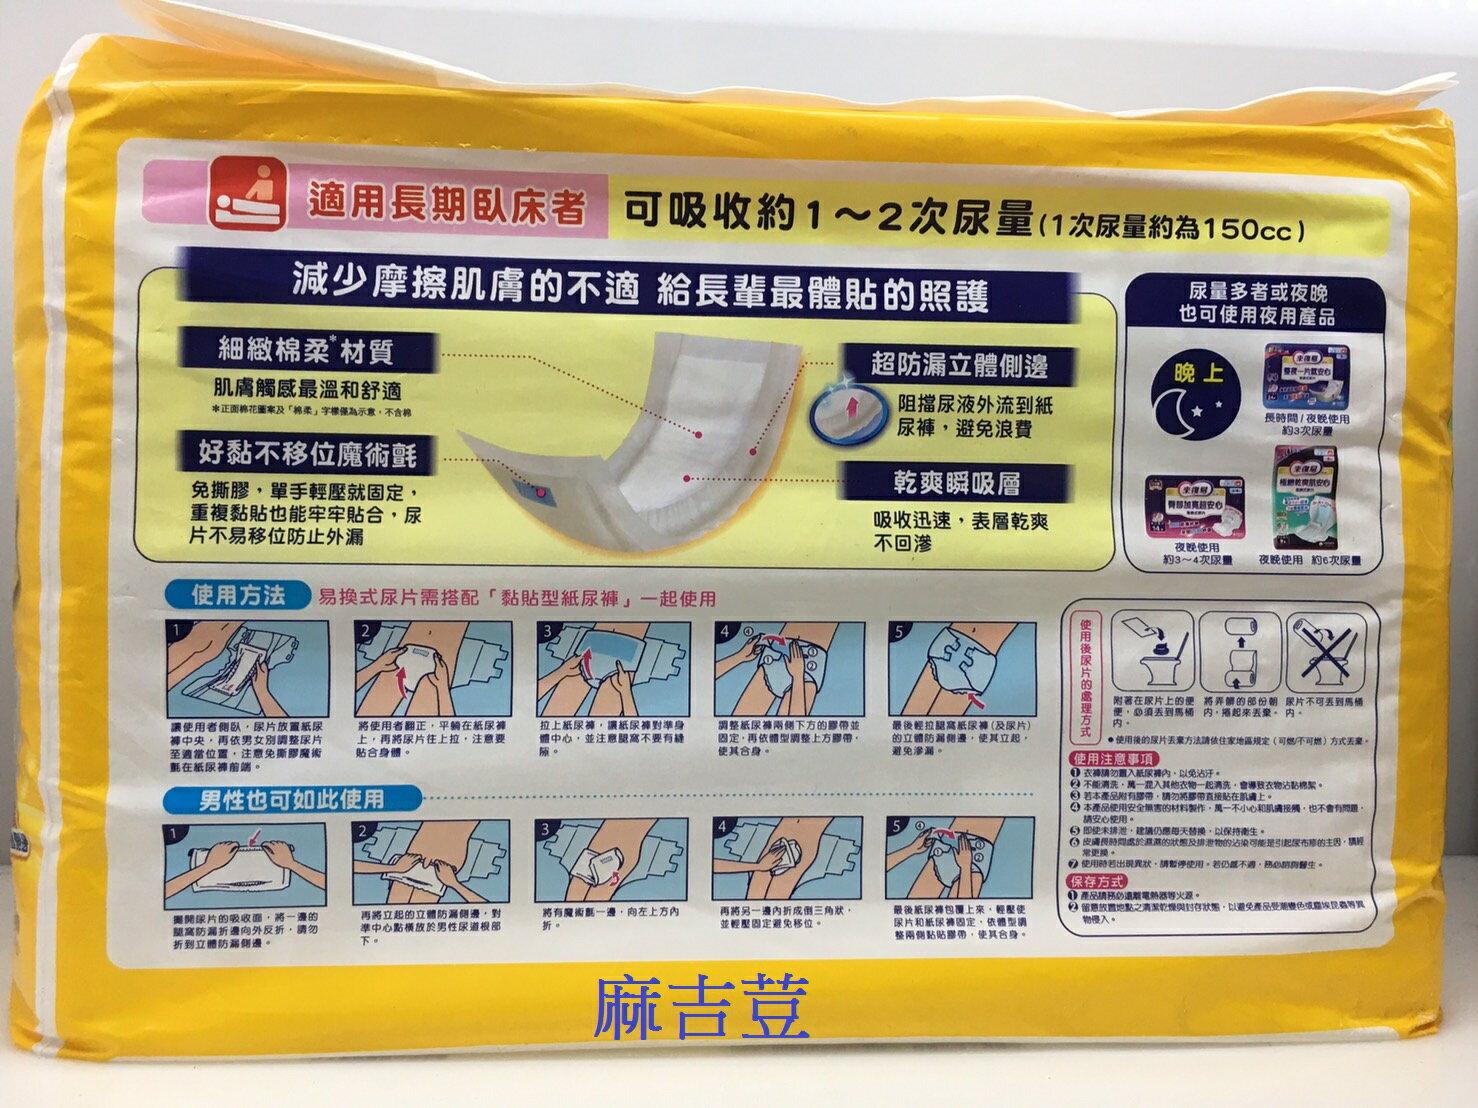 來復易 柔適安心細緻綿柔替換式成人紙尿片 一箱6包 小尿片 護理墊 / 產墊 可搭包大人.添寧.安親 / 安安 紙尿褲.看護墊.濕巾使用 30片 / 包 1